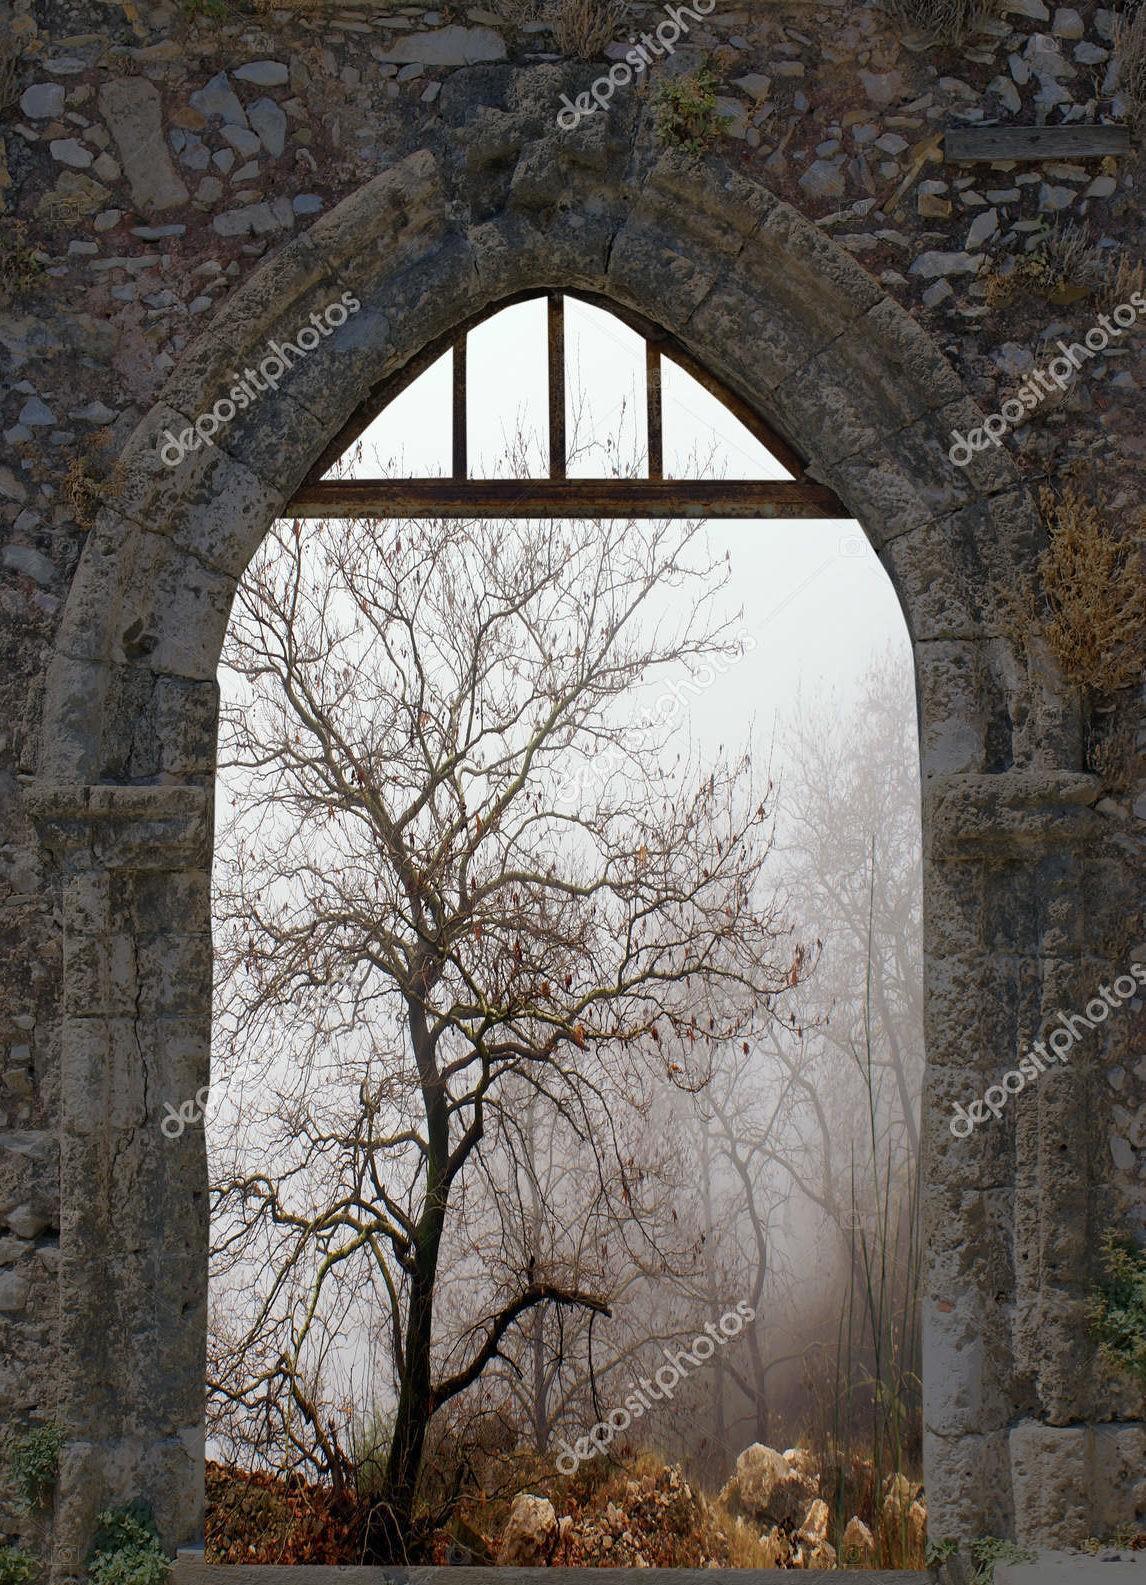 Зимний пейзаж сквозь старые окна